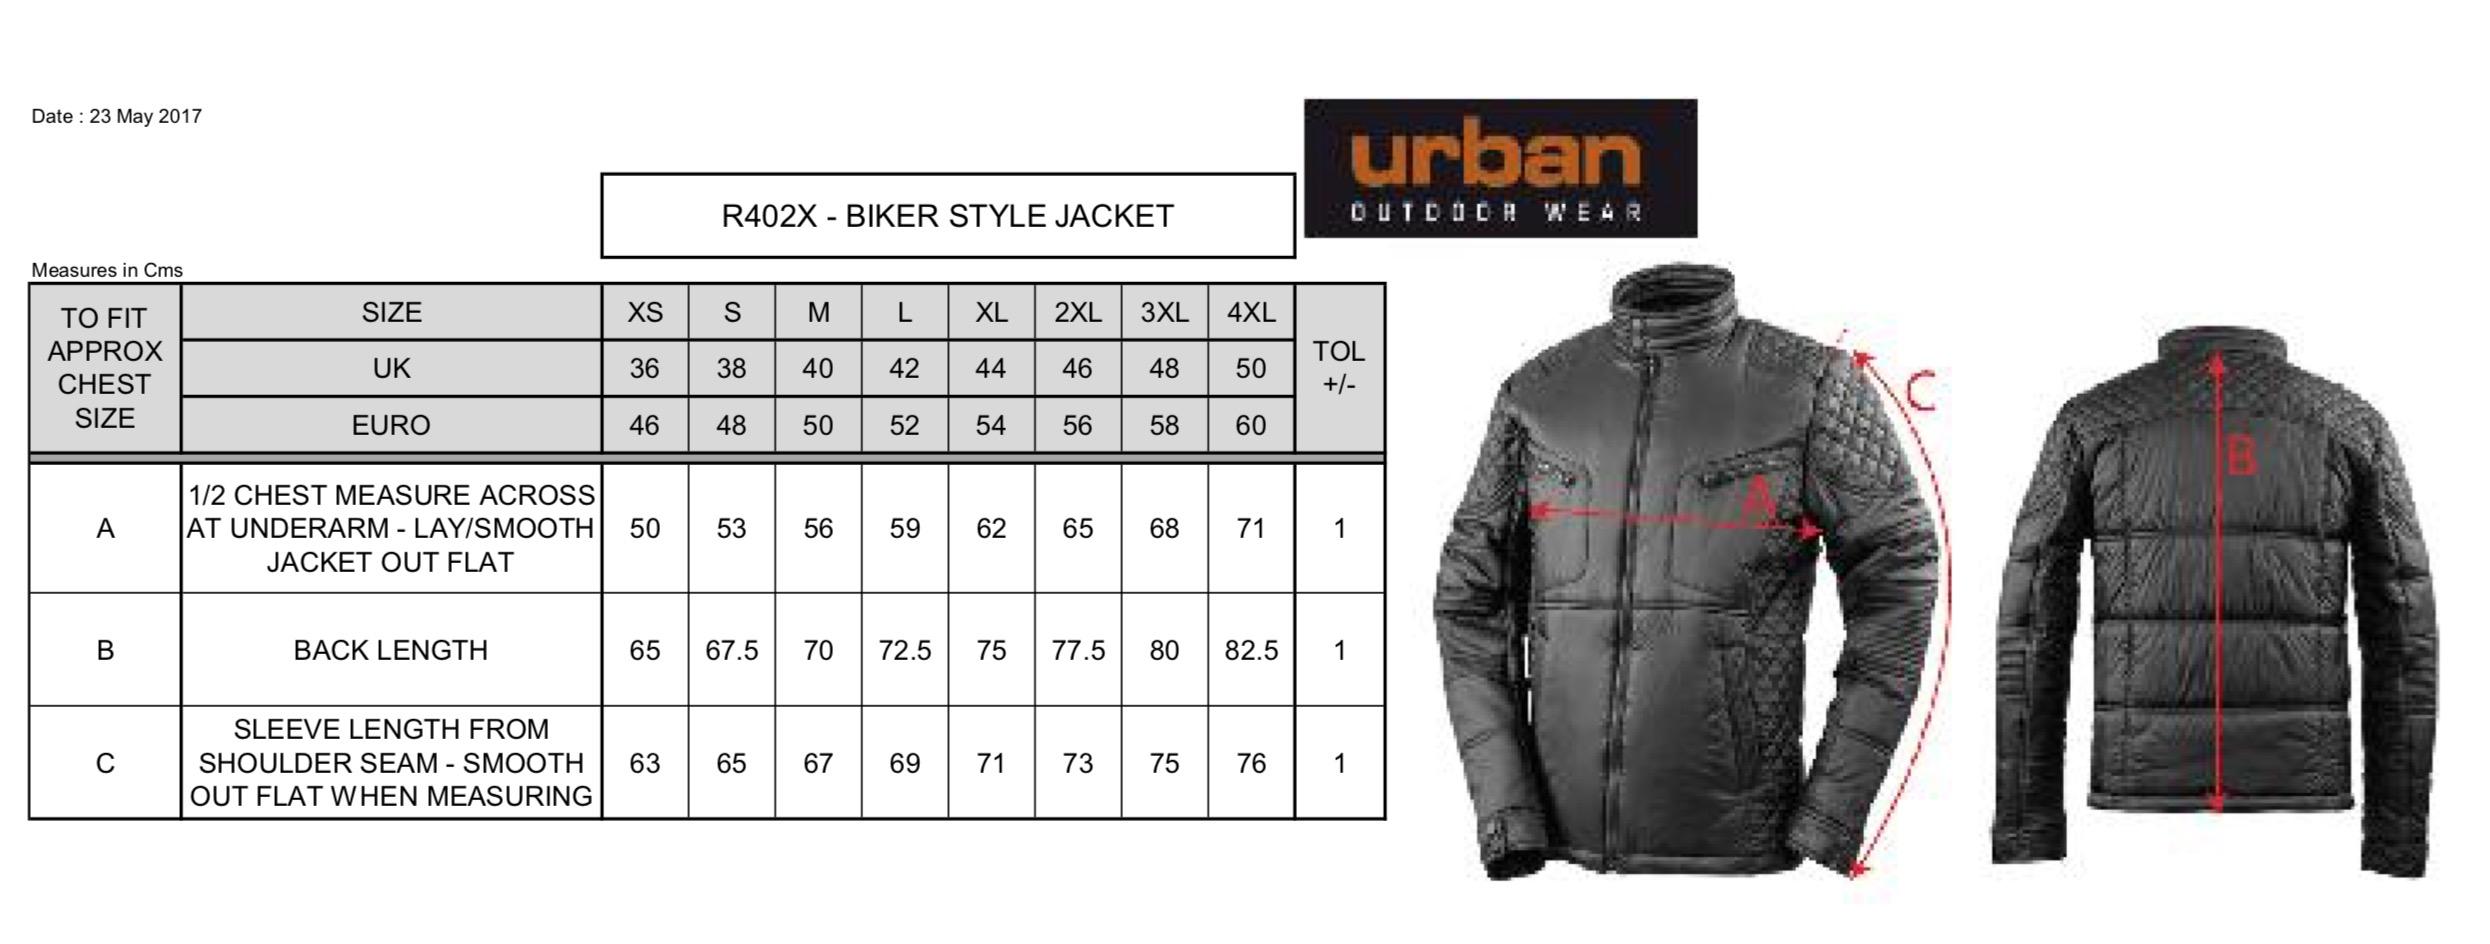 Result: Biker-Style Jacket R402X